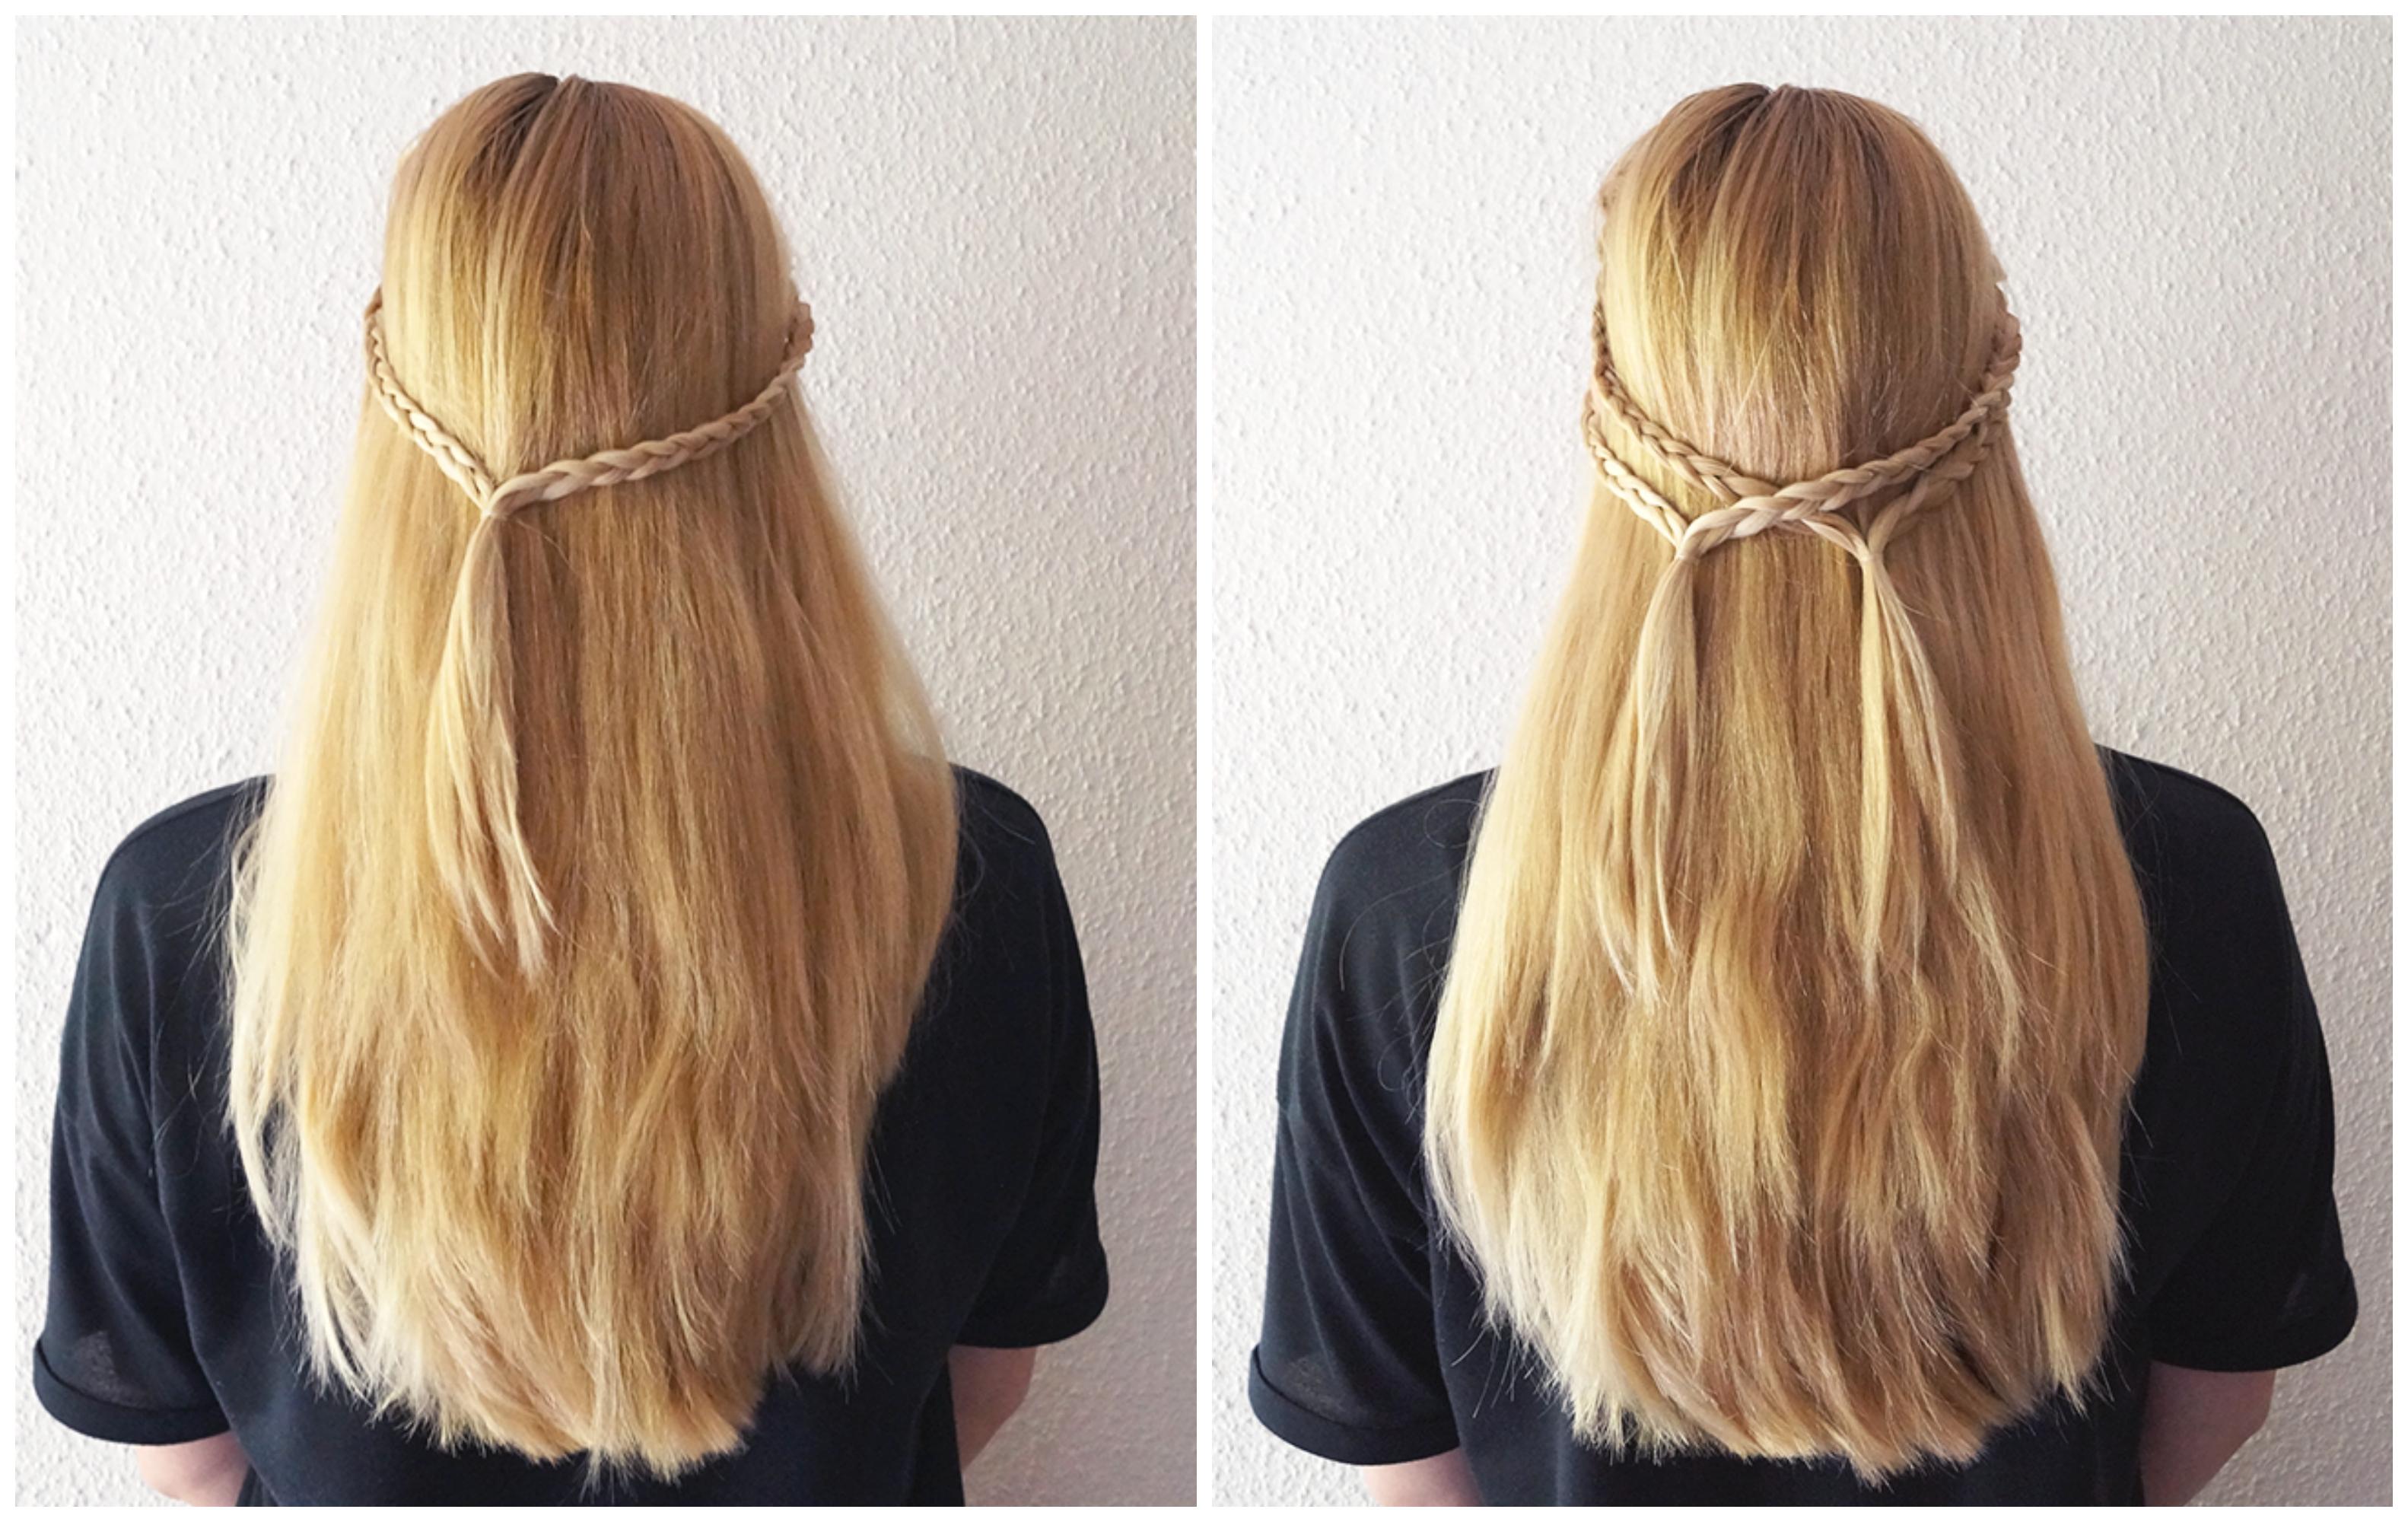 Frisuren-2